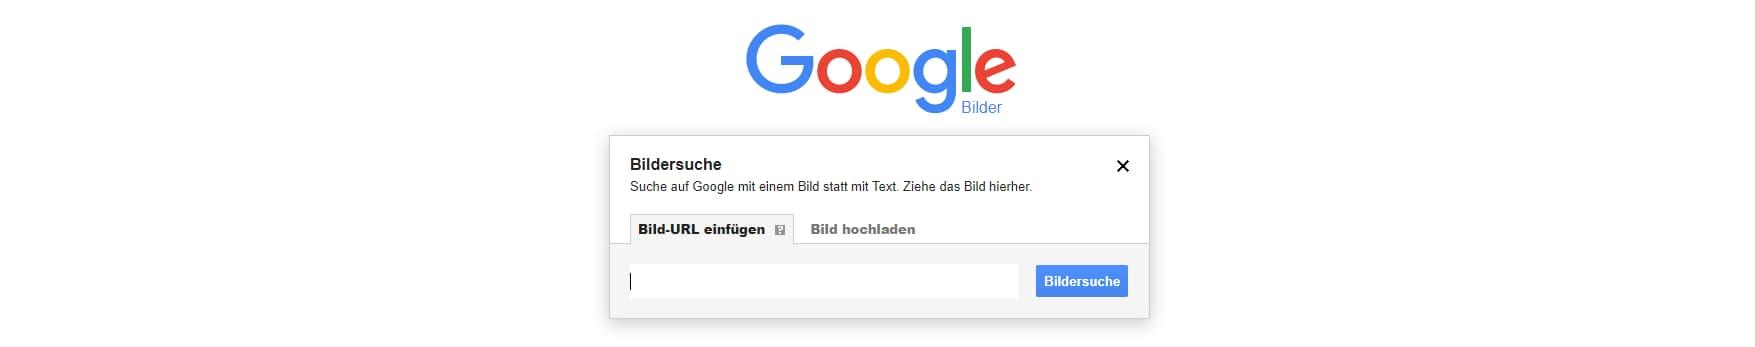 Bildersuche bei Google